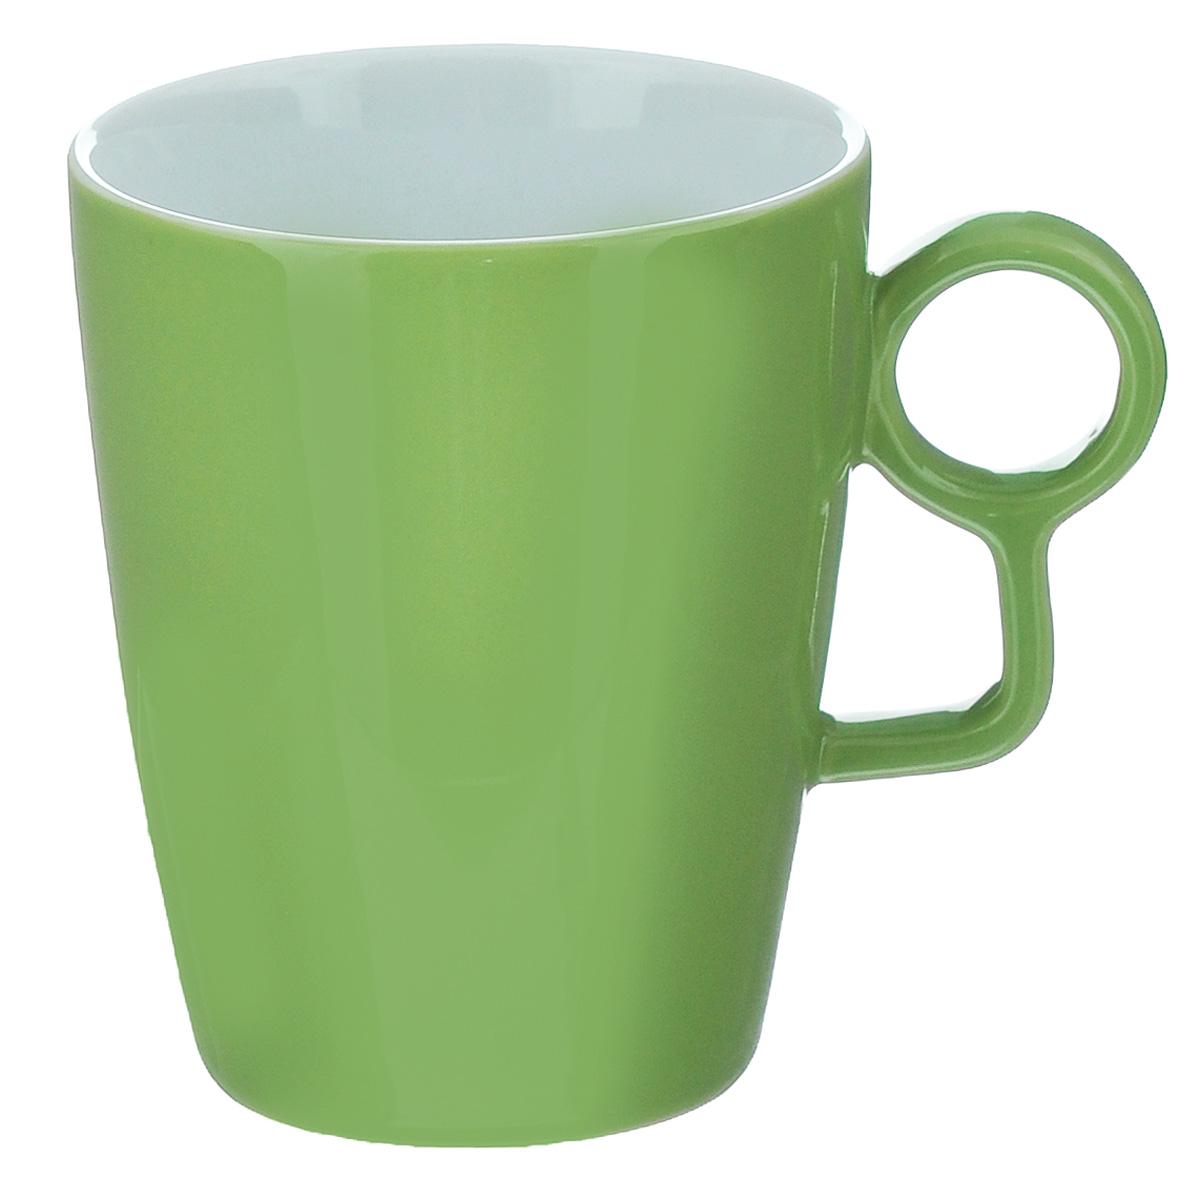 Кружка Sagaform Loop, цвет: зеленый, 250 мл5015911Кружка Sagaform выполнена из высококачественной керамики. Изделие оснащено удобной ручкой. Кружка сочетает в себе оригинальный дизайн и функциональность. Благодаря такой кружке пить напитки будет еще вкуснее. Кружка Sagaform согреет вас долгими холодными вечерами. Можно использовать в посудомоечной машине. Объем: 250 мл. Диаметр (по верхнему краю): 7,5 см. Высота кружки: 10 см.